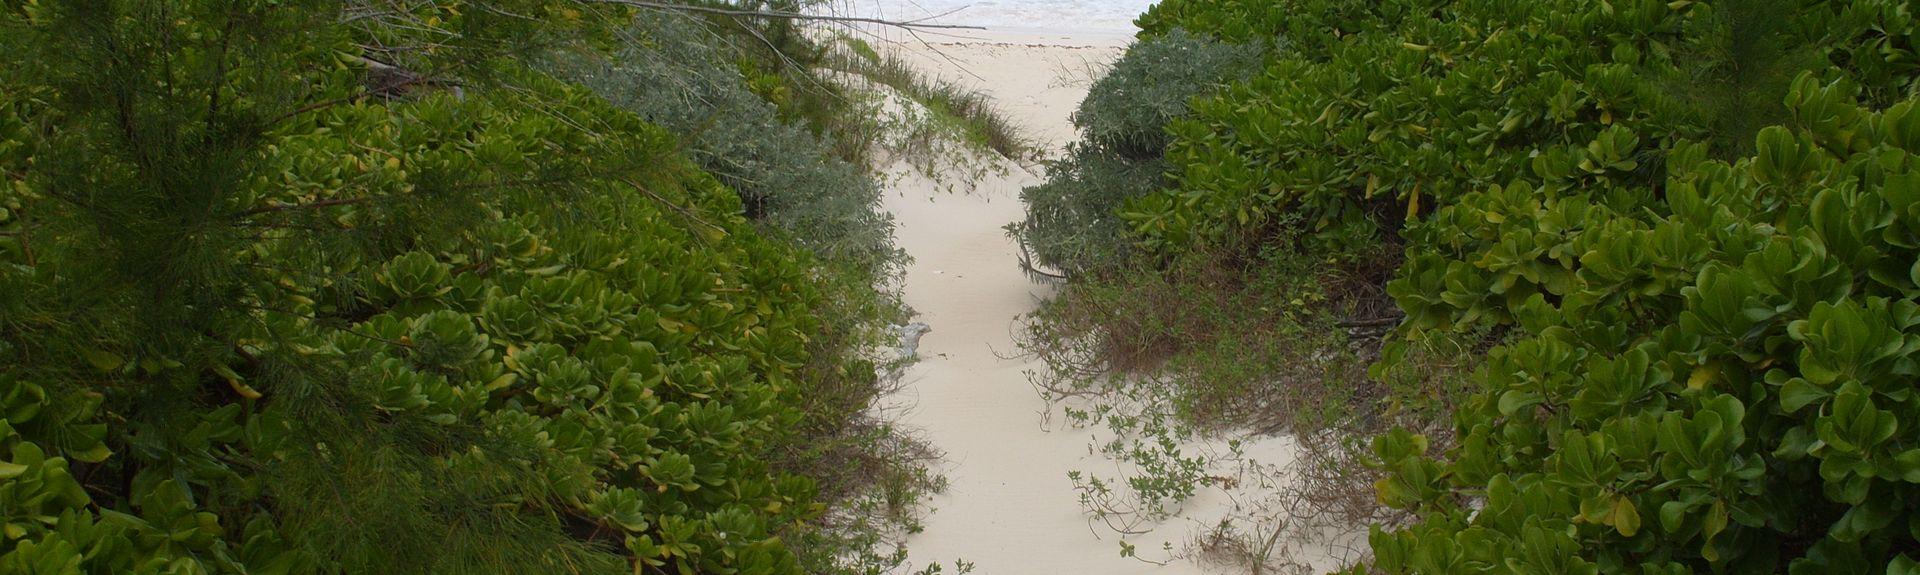 Windemere Island, Central Eleuthera, Bahamas